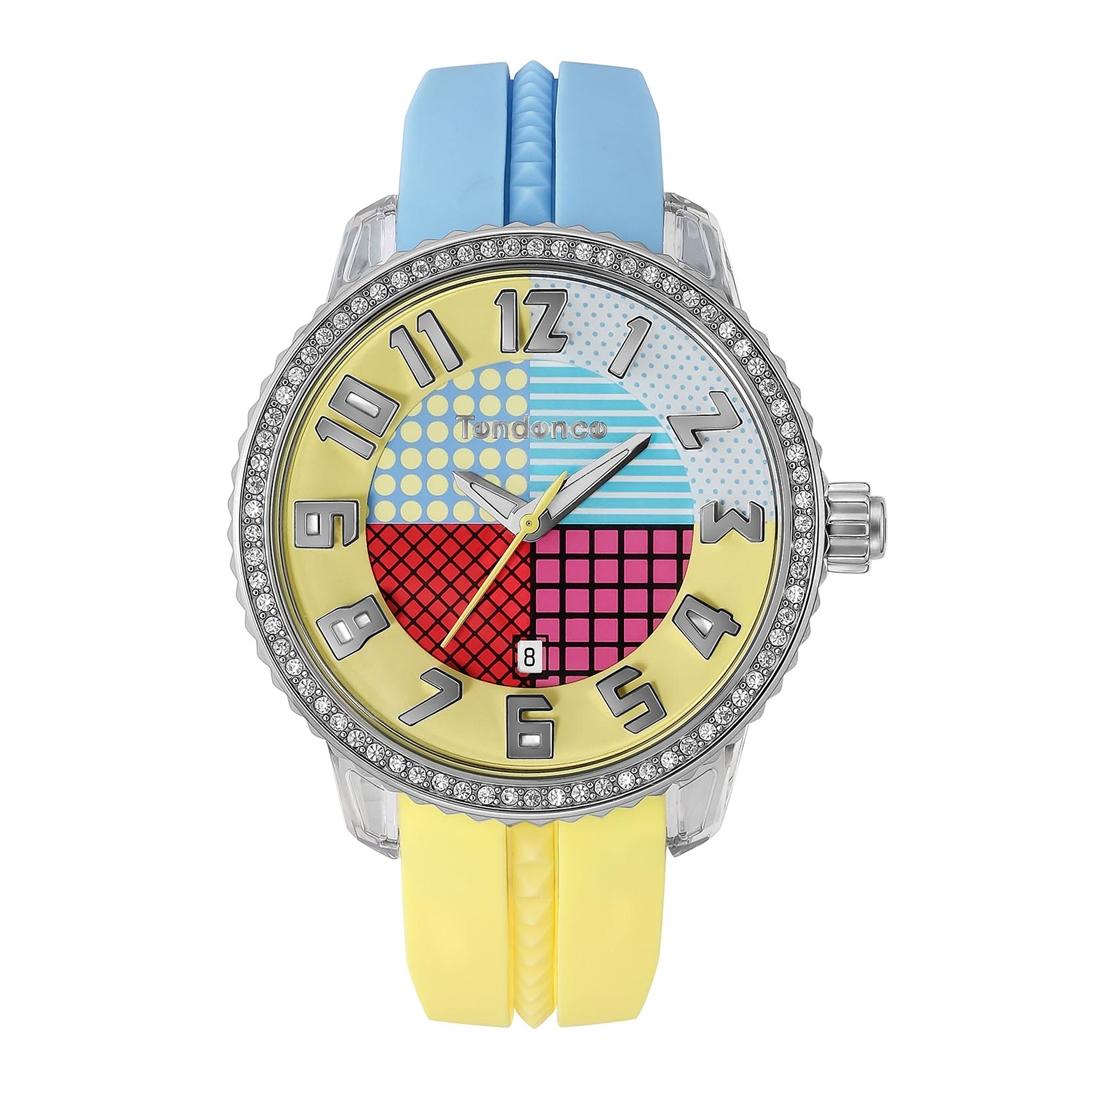 【今ならオーバーサイズノートプレゼント】 テンデンス Tendence TG930060 クレイジー 正規品 腕時計